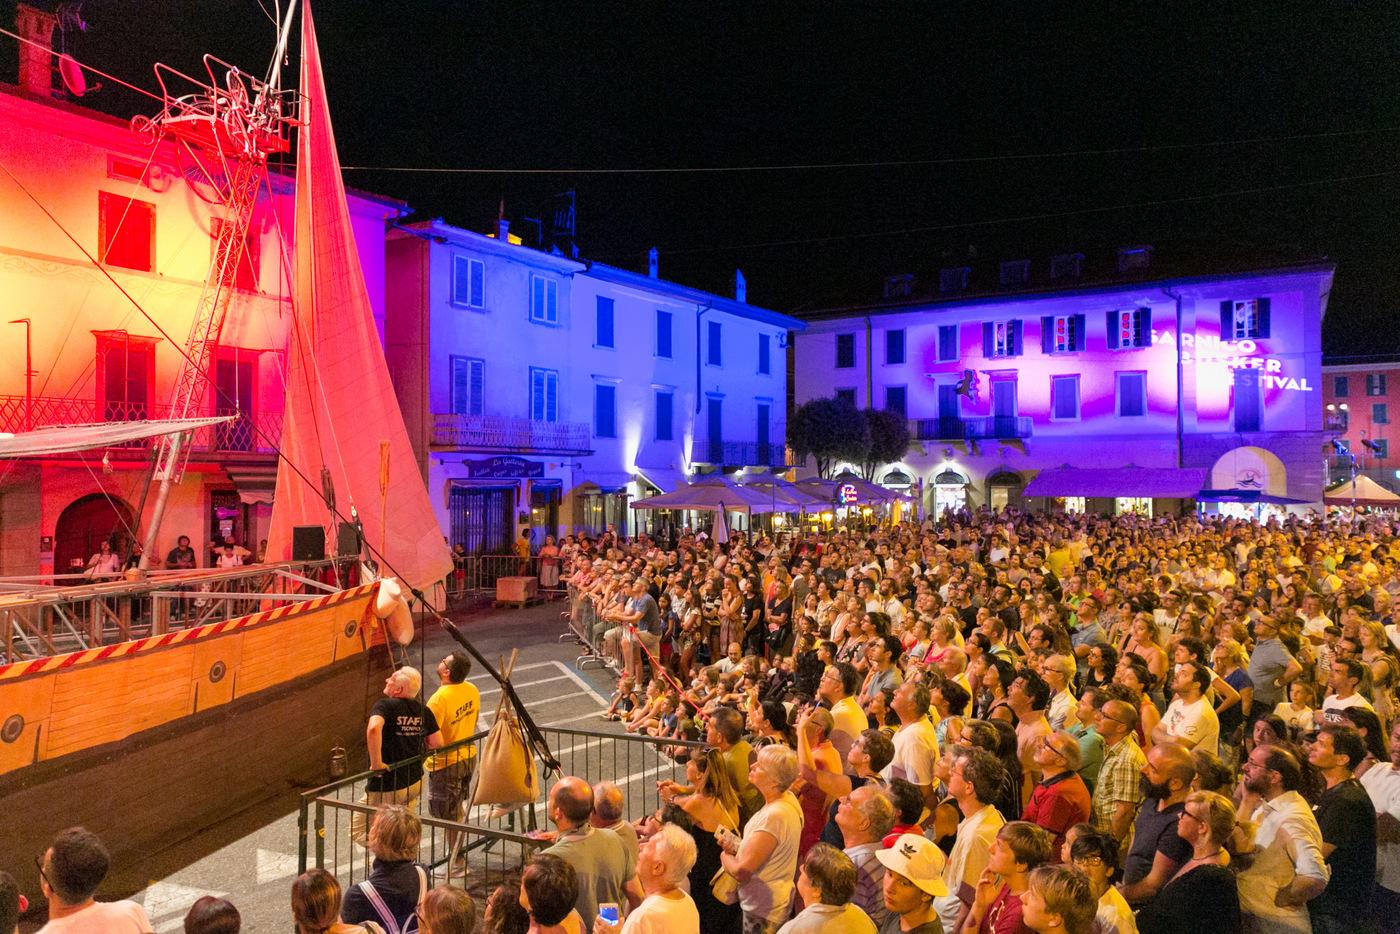 SARNICO BUSKER FESTIVAL <br> EDIZIONE 2020 ANNULLATA